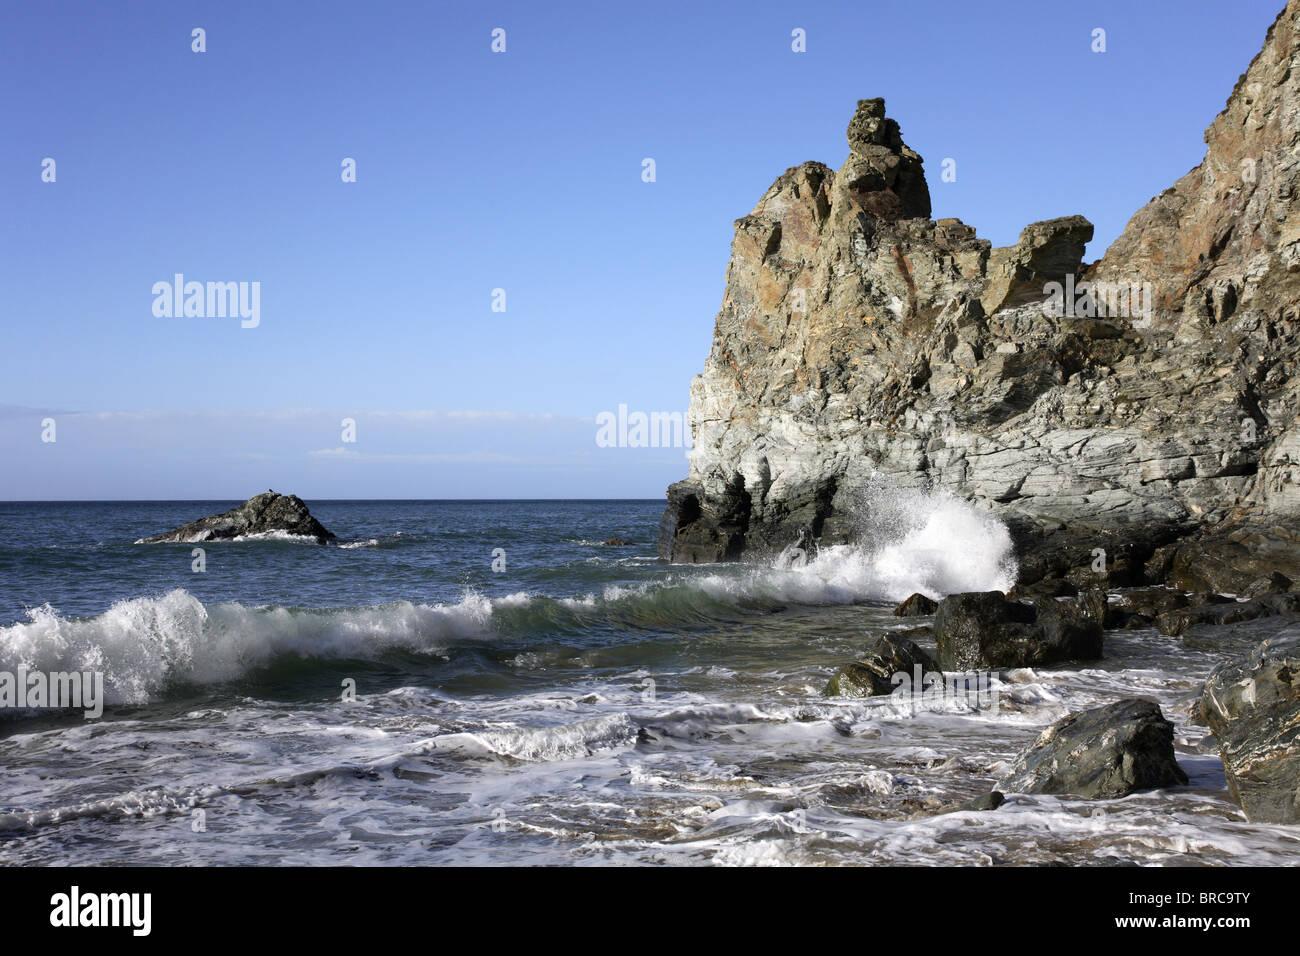 Waves crashing against rocks at St Agnes, Cornwall, UK. - Stock Image